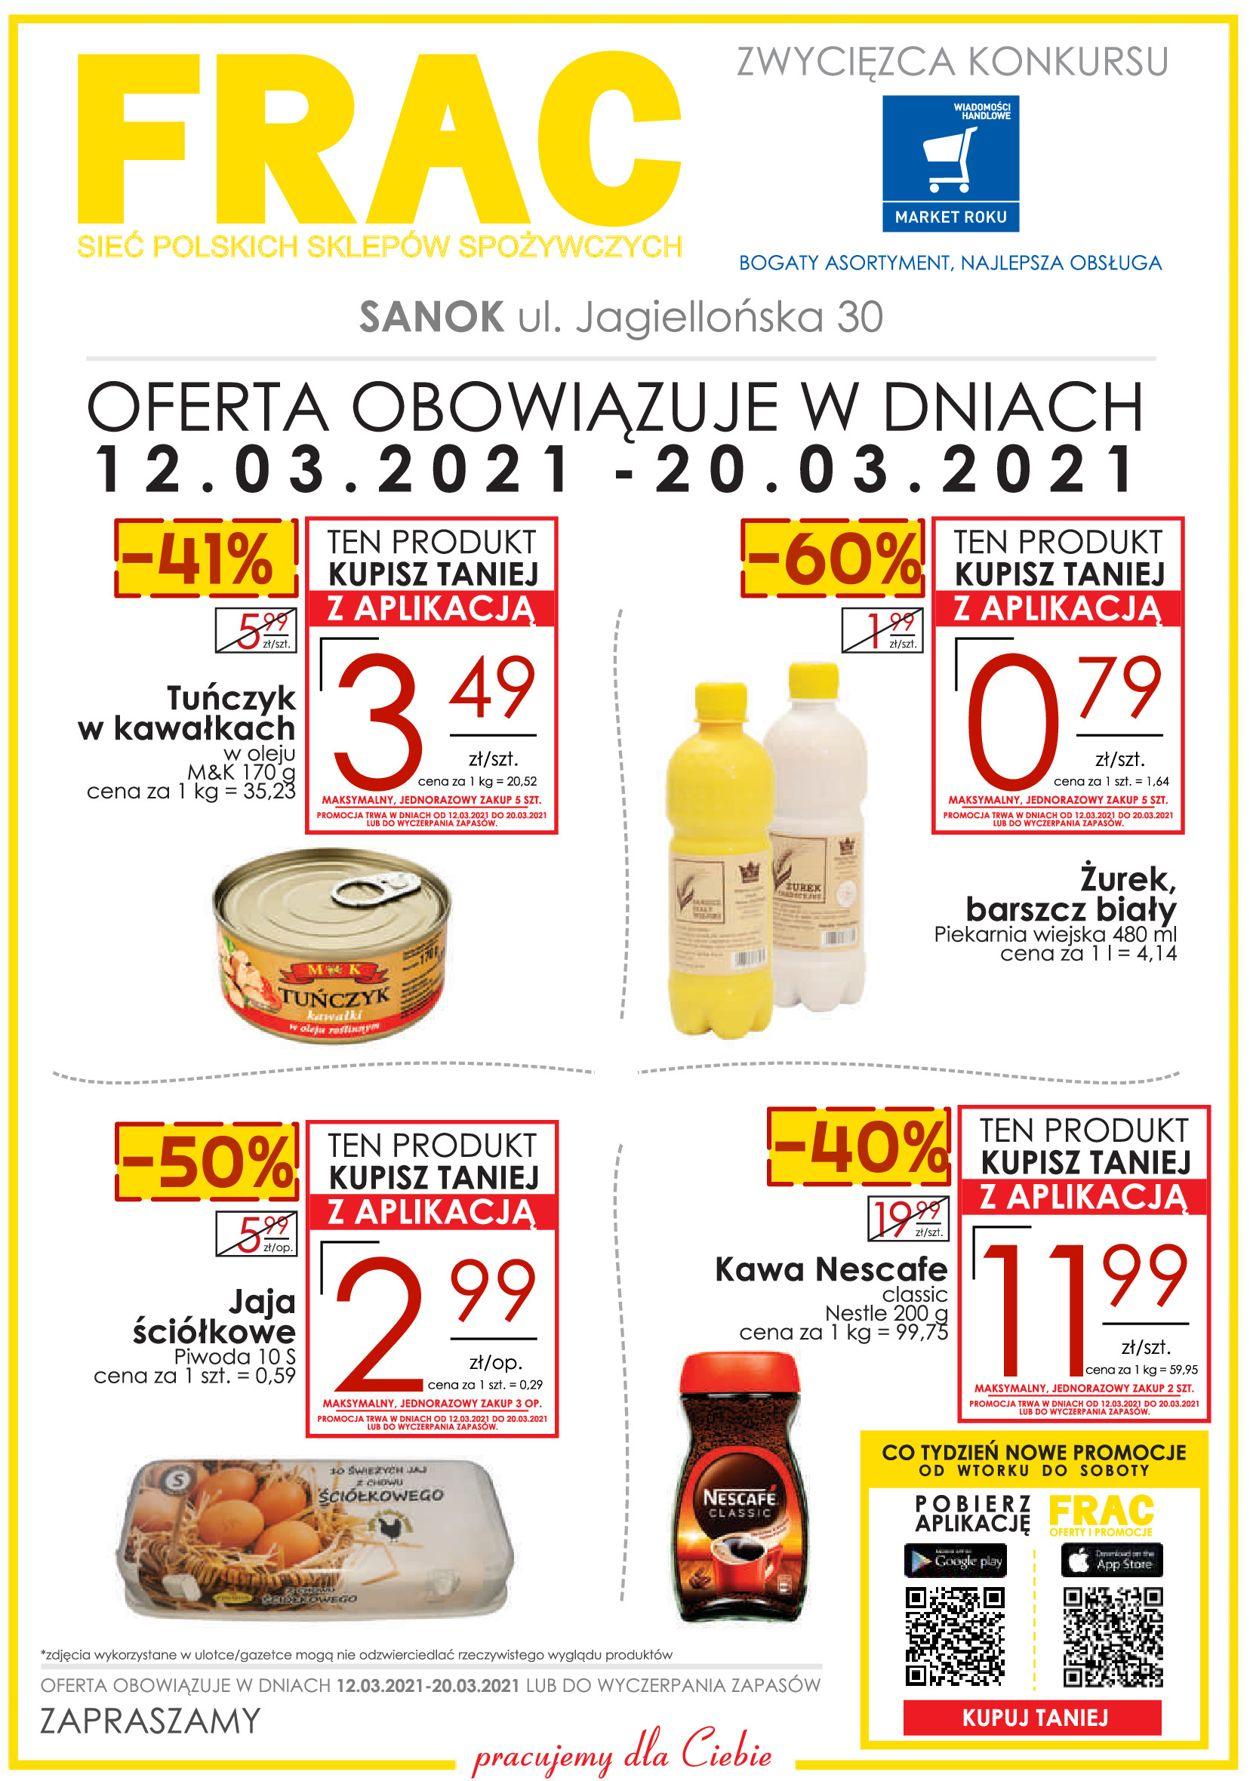 Gazetka promocyjna Frac SANOK - 12.03-20.03.2021